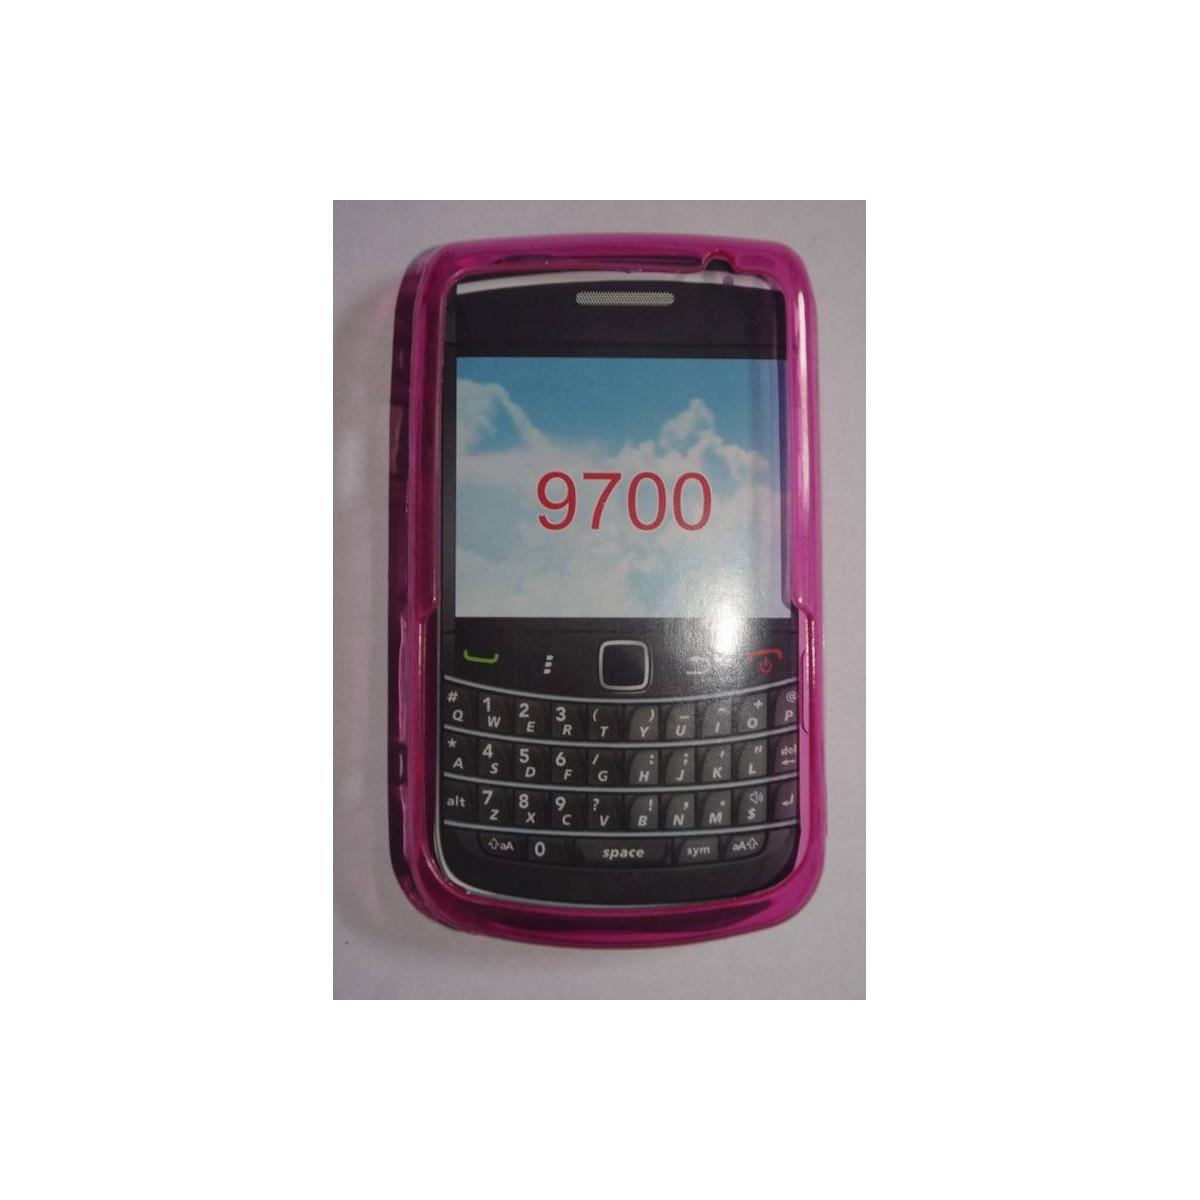 funda de silicona para blackberry 9700 Rosa